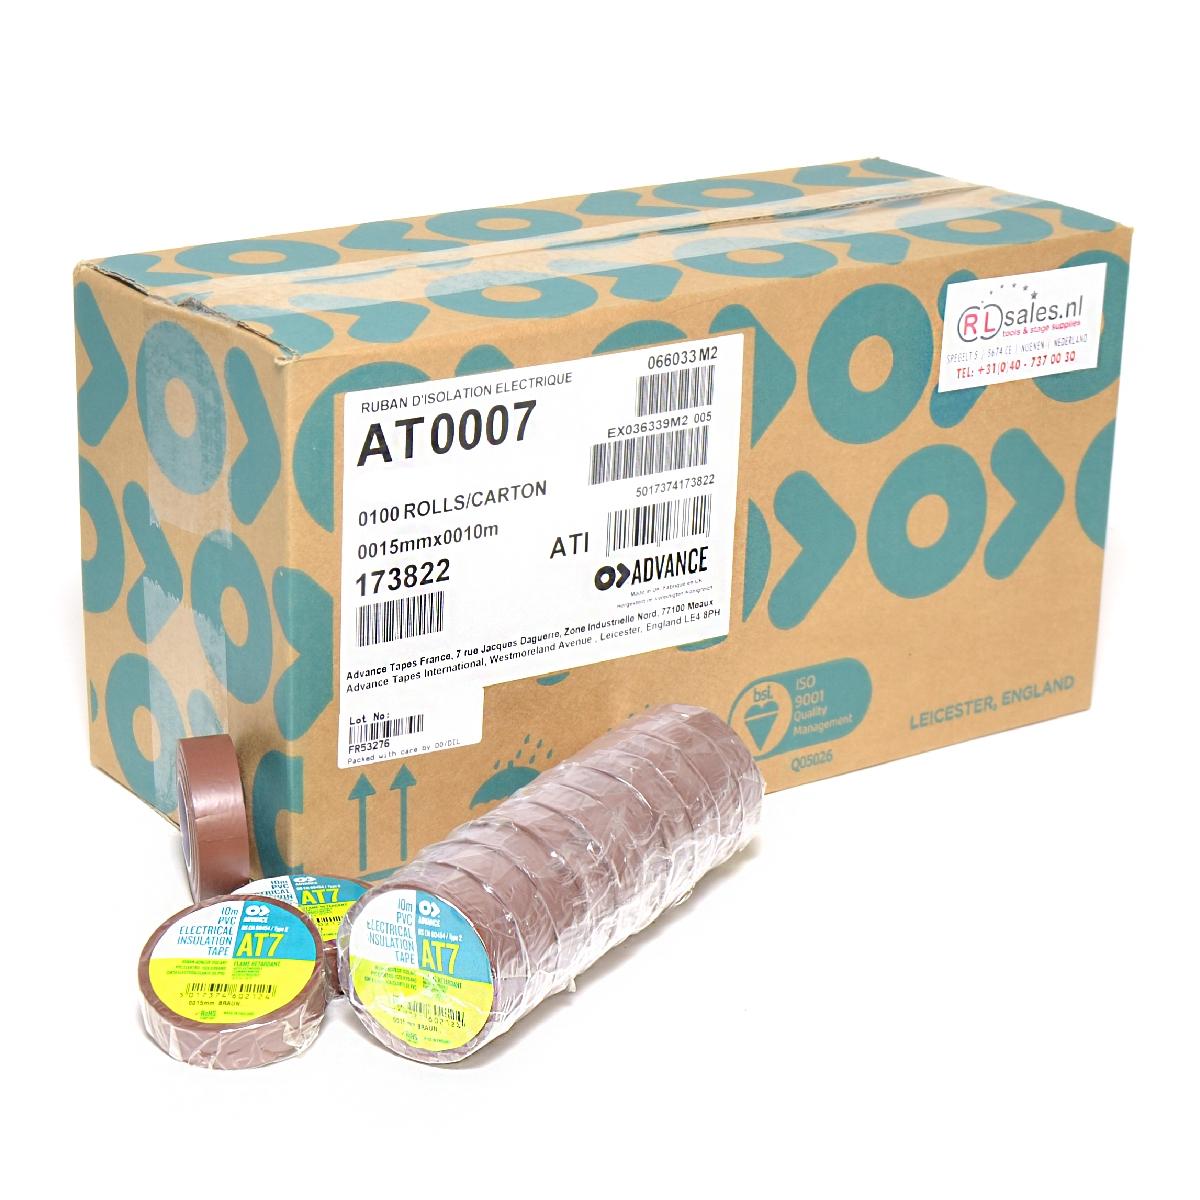 Advance -  AT7  - Isolatietape - 15mm x 10m bruin - doos 100 rollen